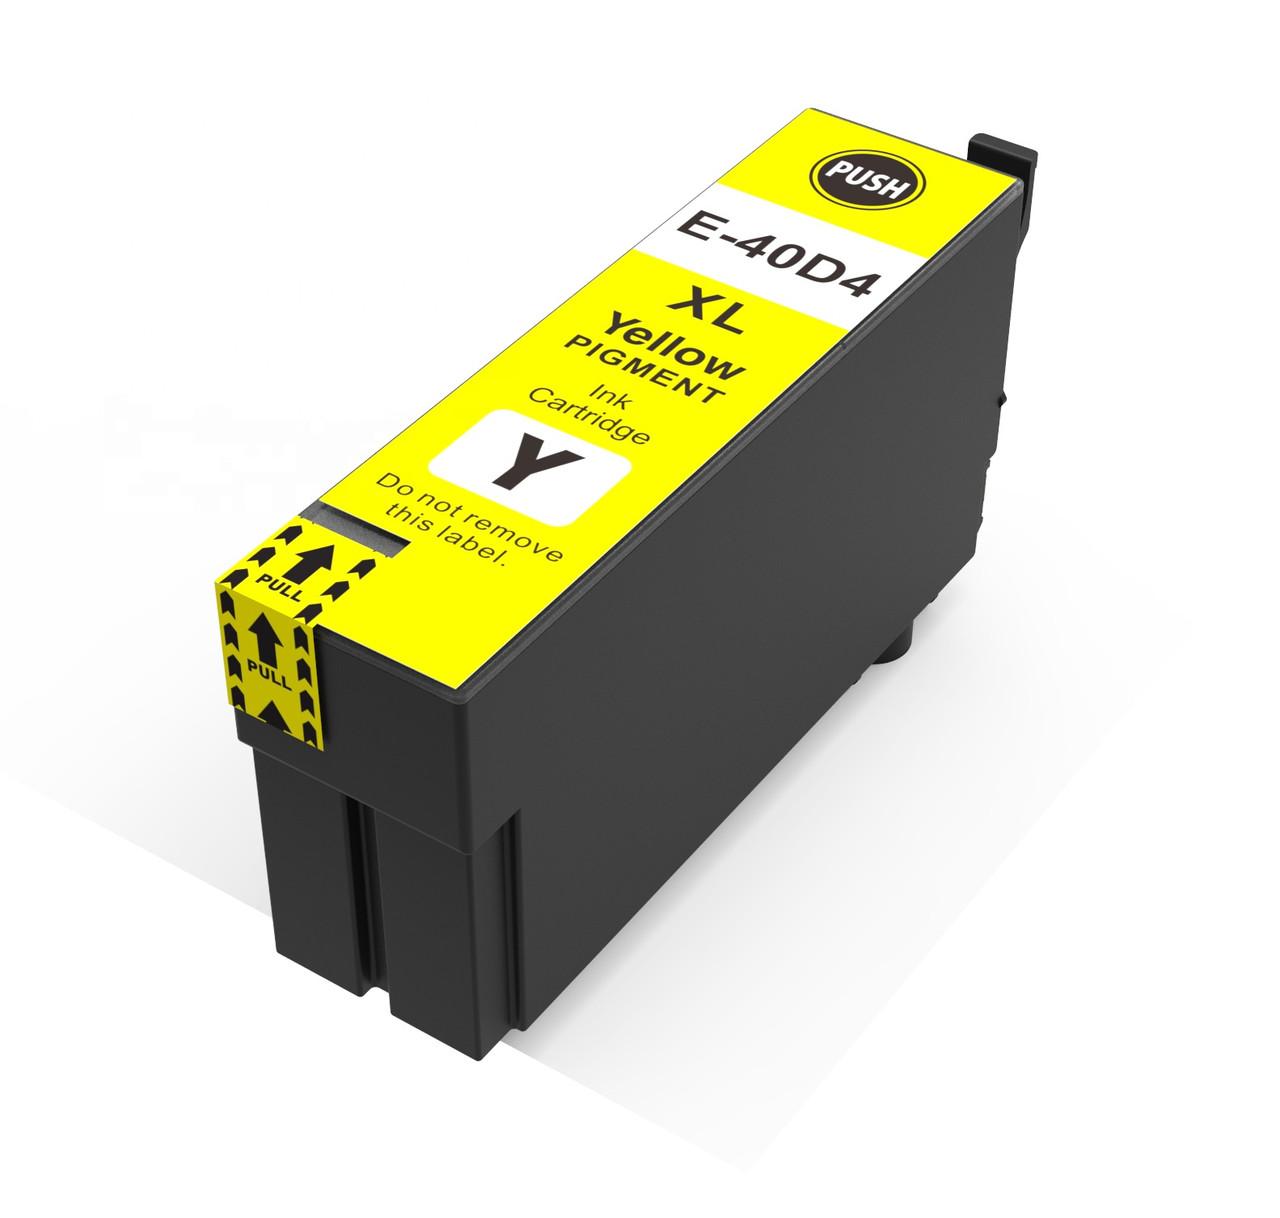 Картридж Ocbestjet T40D4 для Epson SC-T3100, SC-T3100N, SC-T5100, SC-T5100N, Yellow, 50 мл